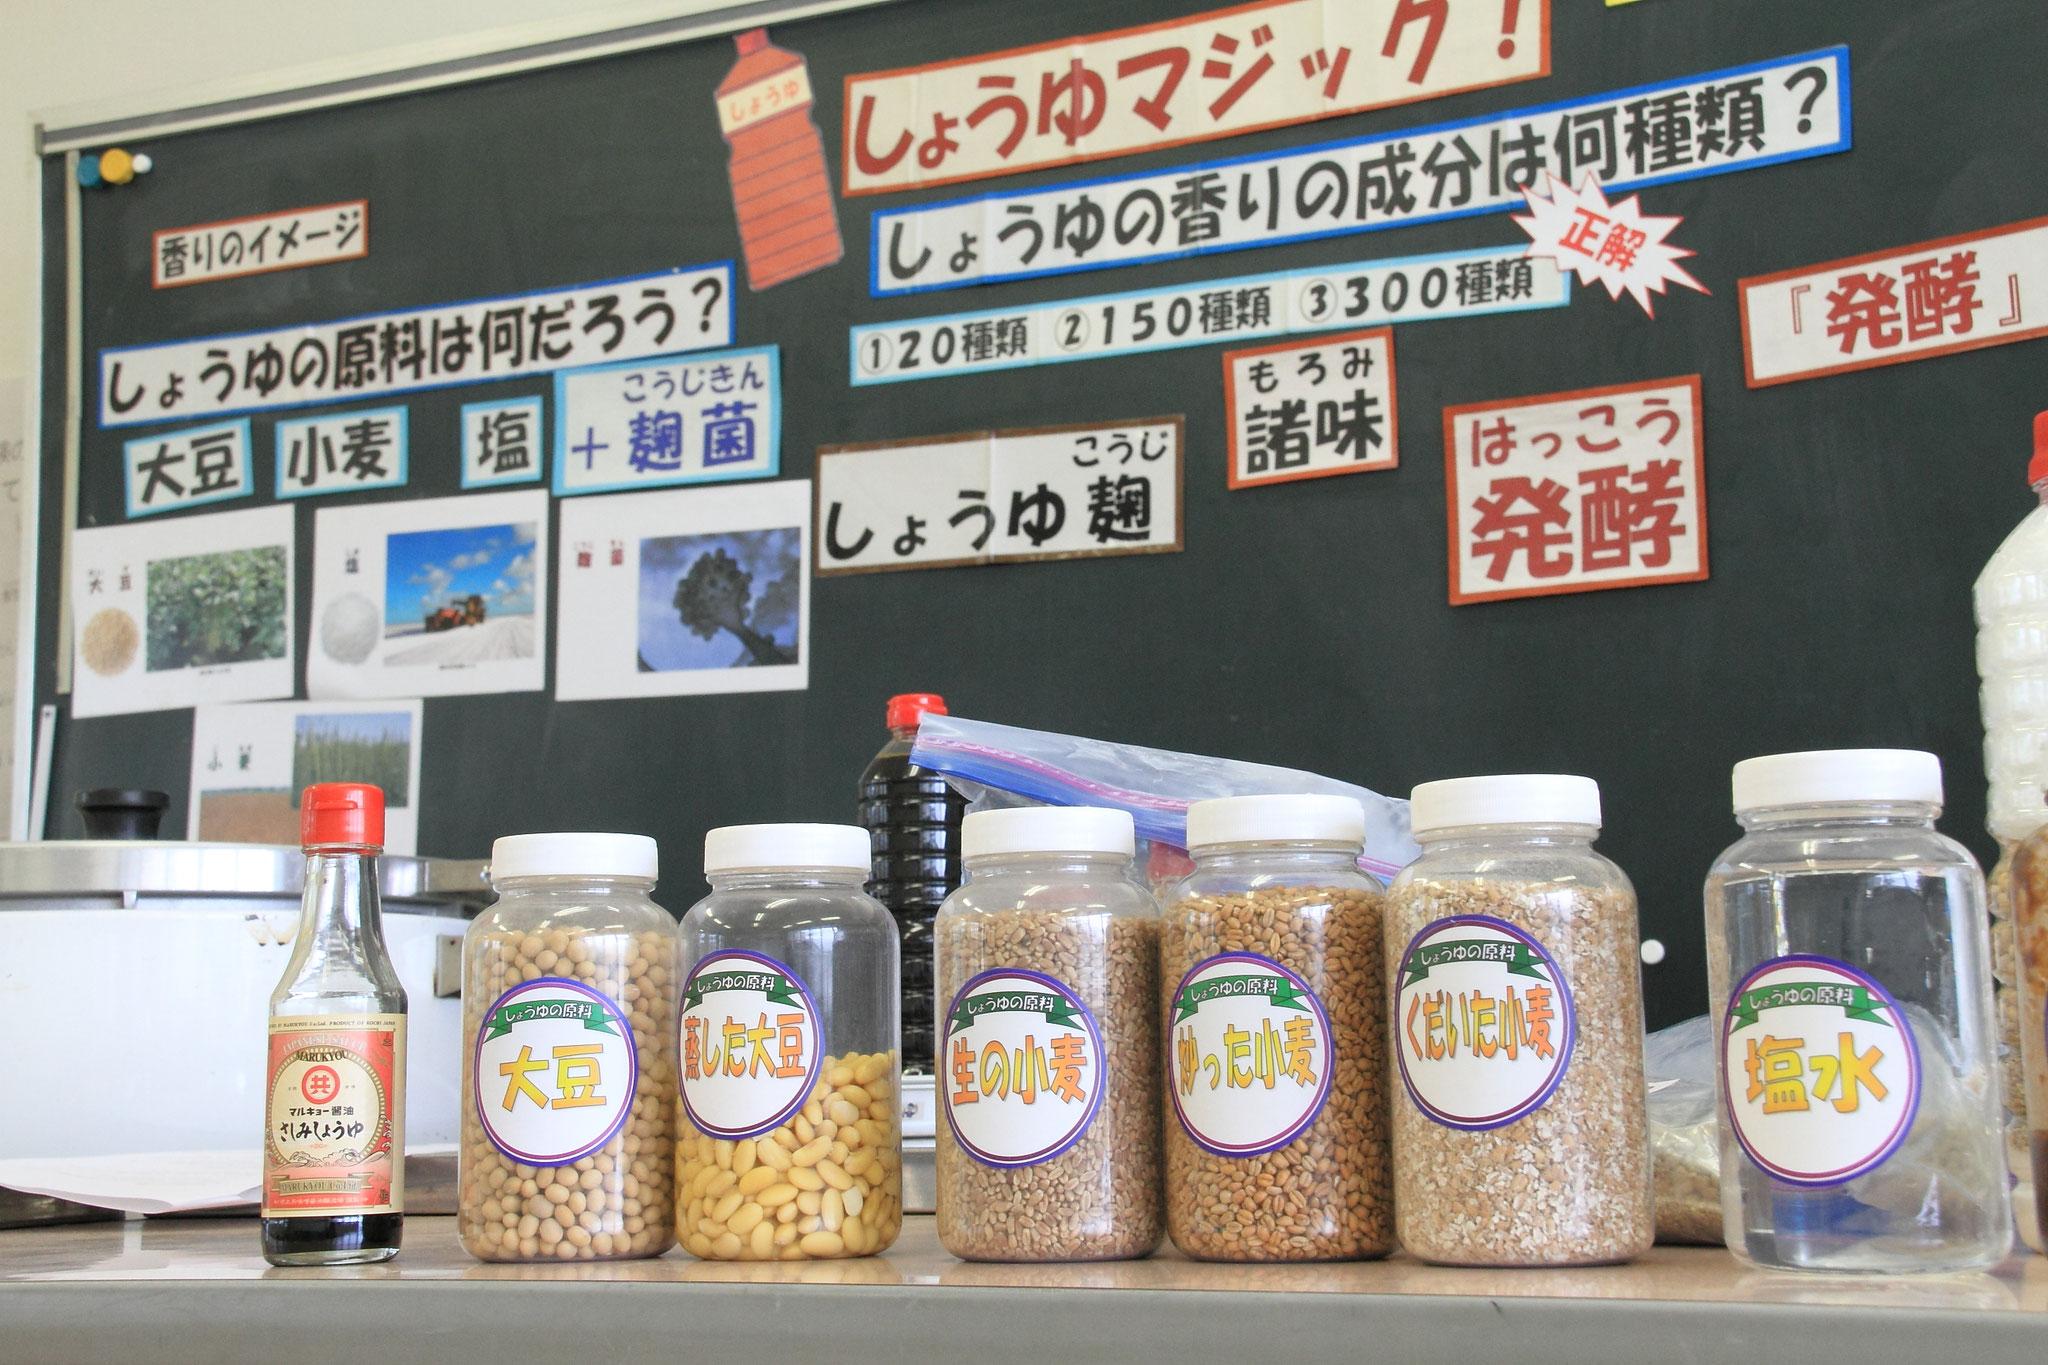 生の大豆・蒸した大豆や生の小麦・炒った小麦など様々な教材